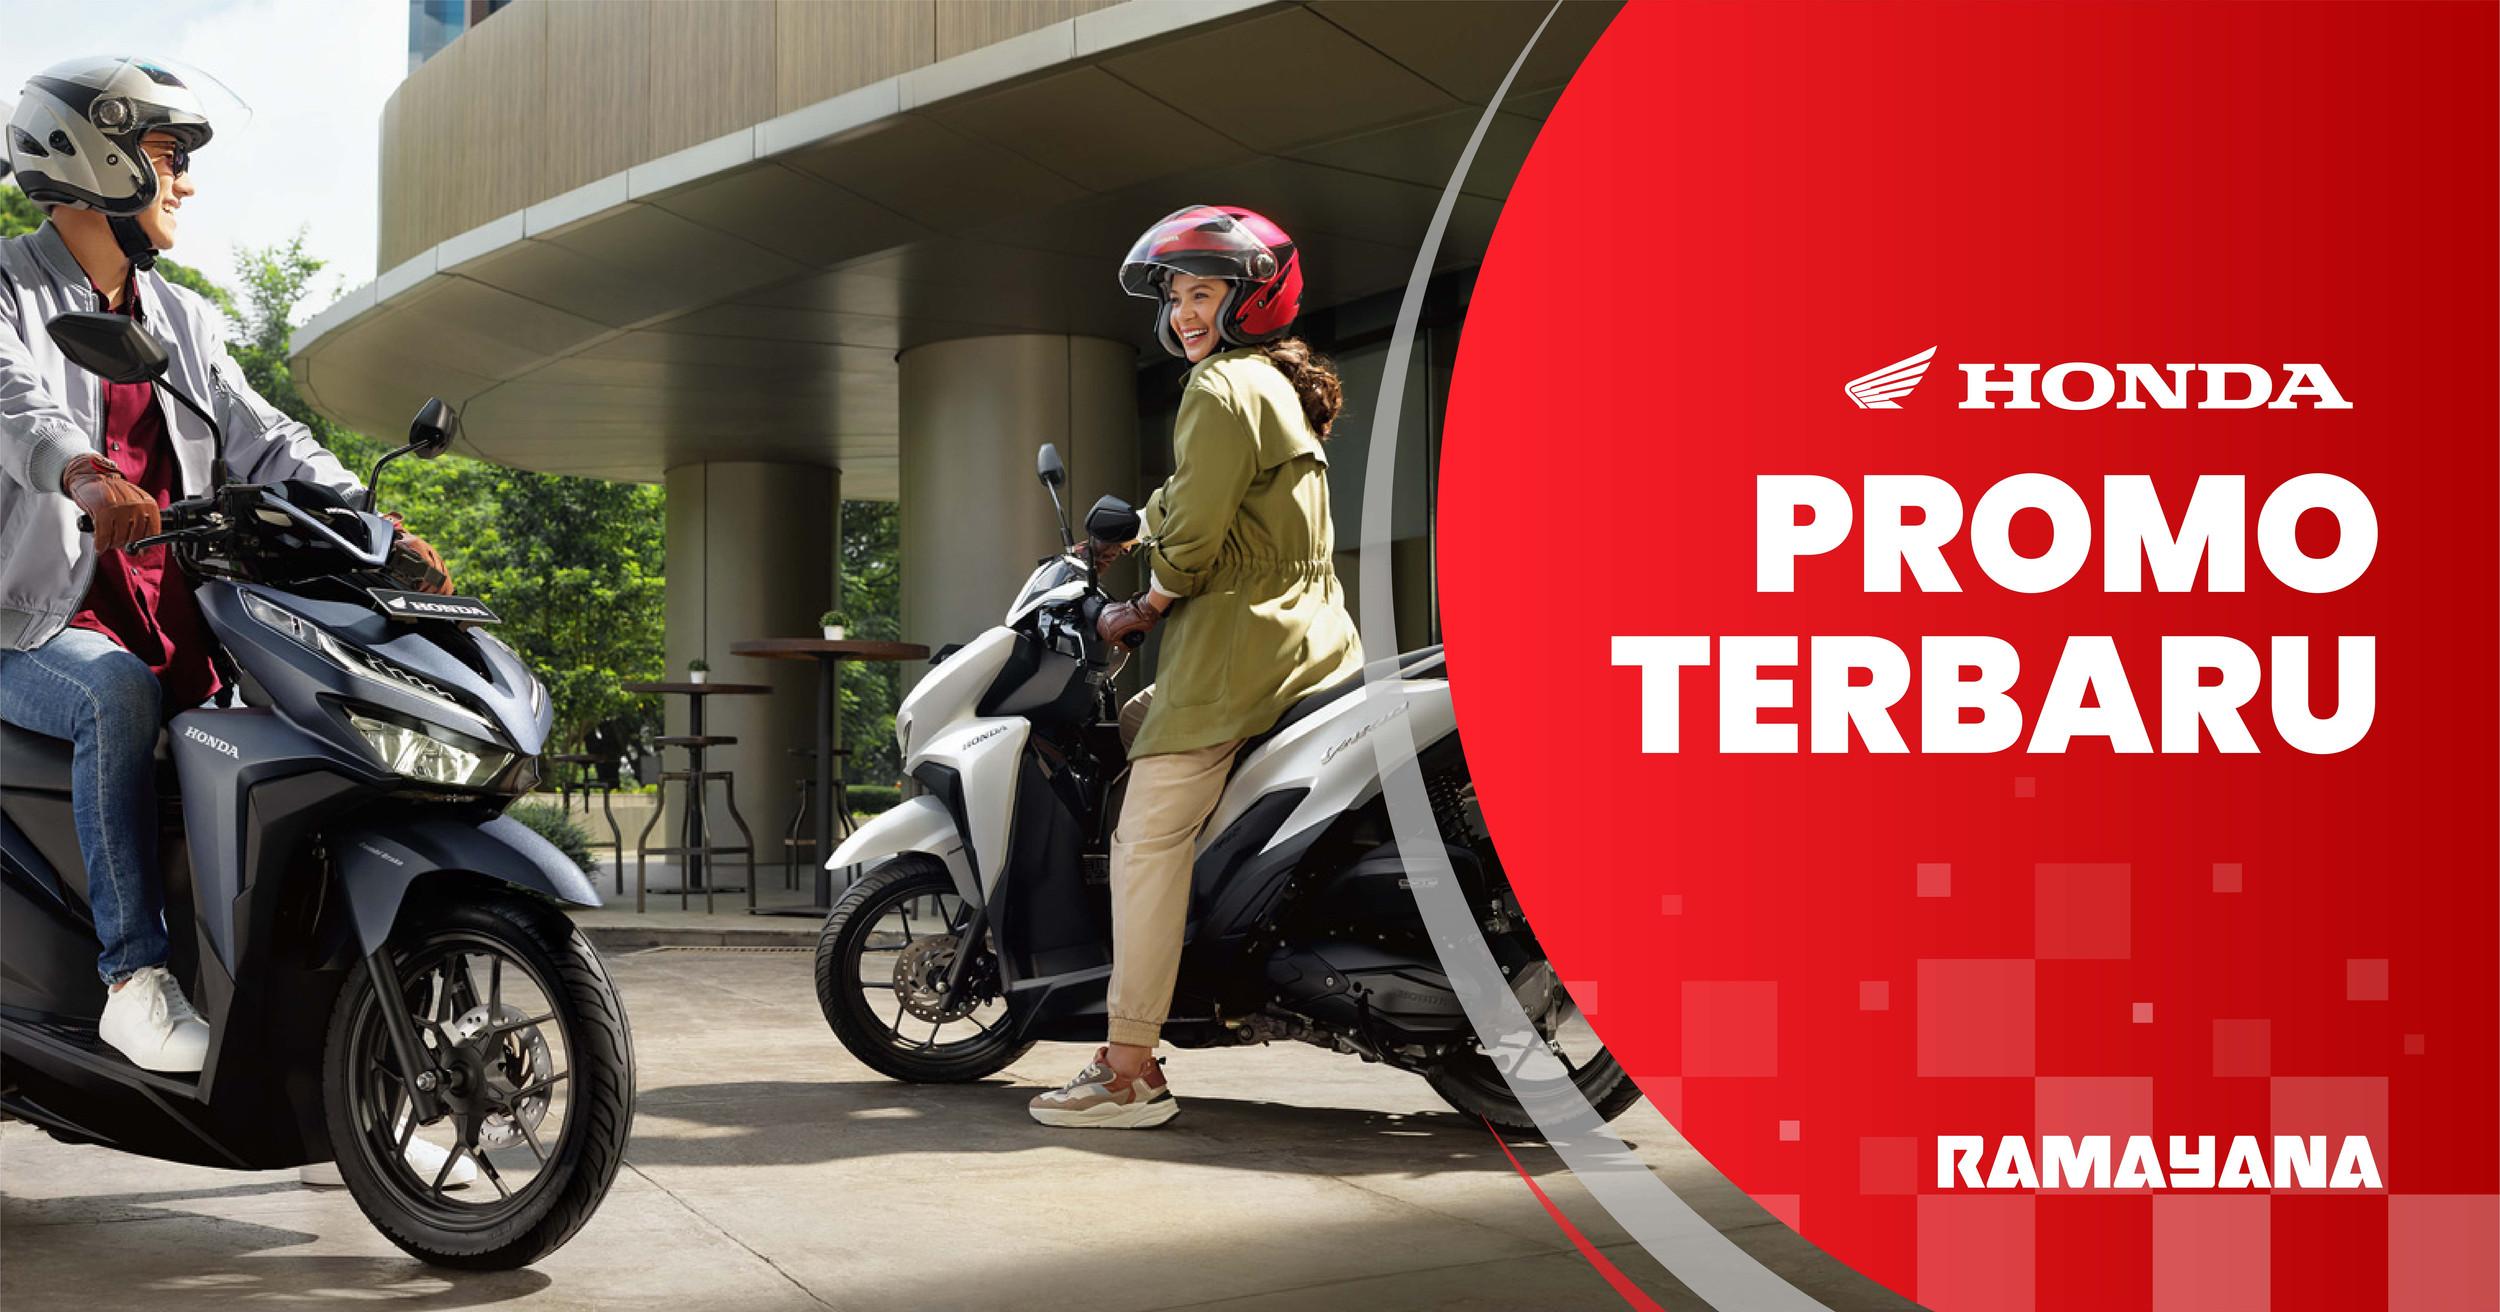 Penjualan Kredit Motor Honda Hondaramayana